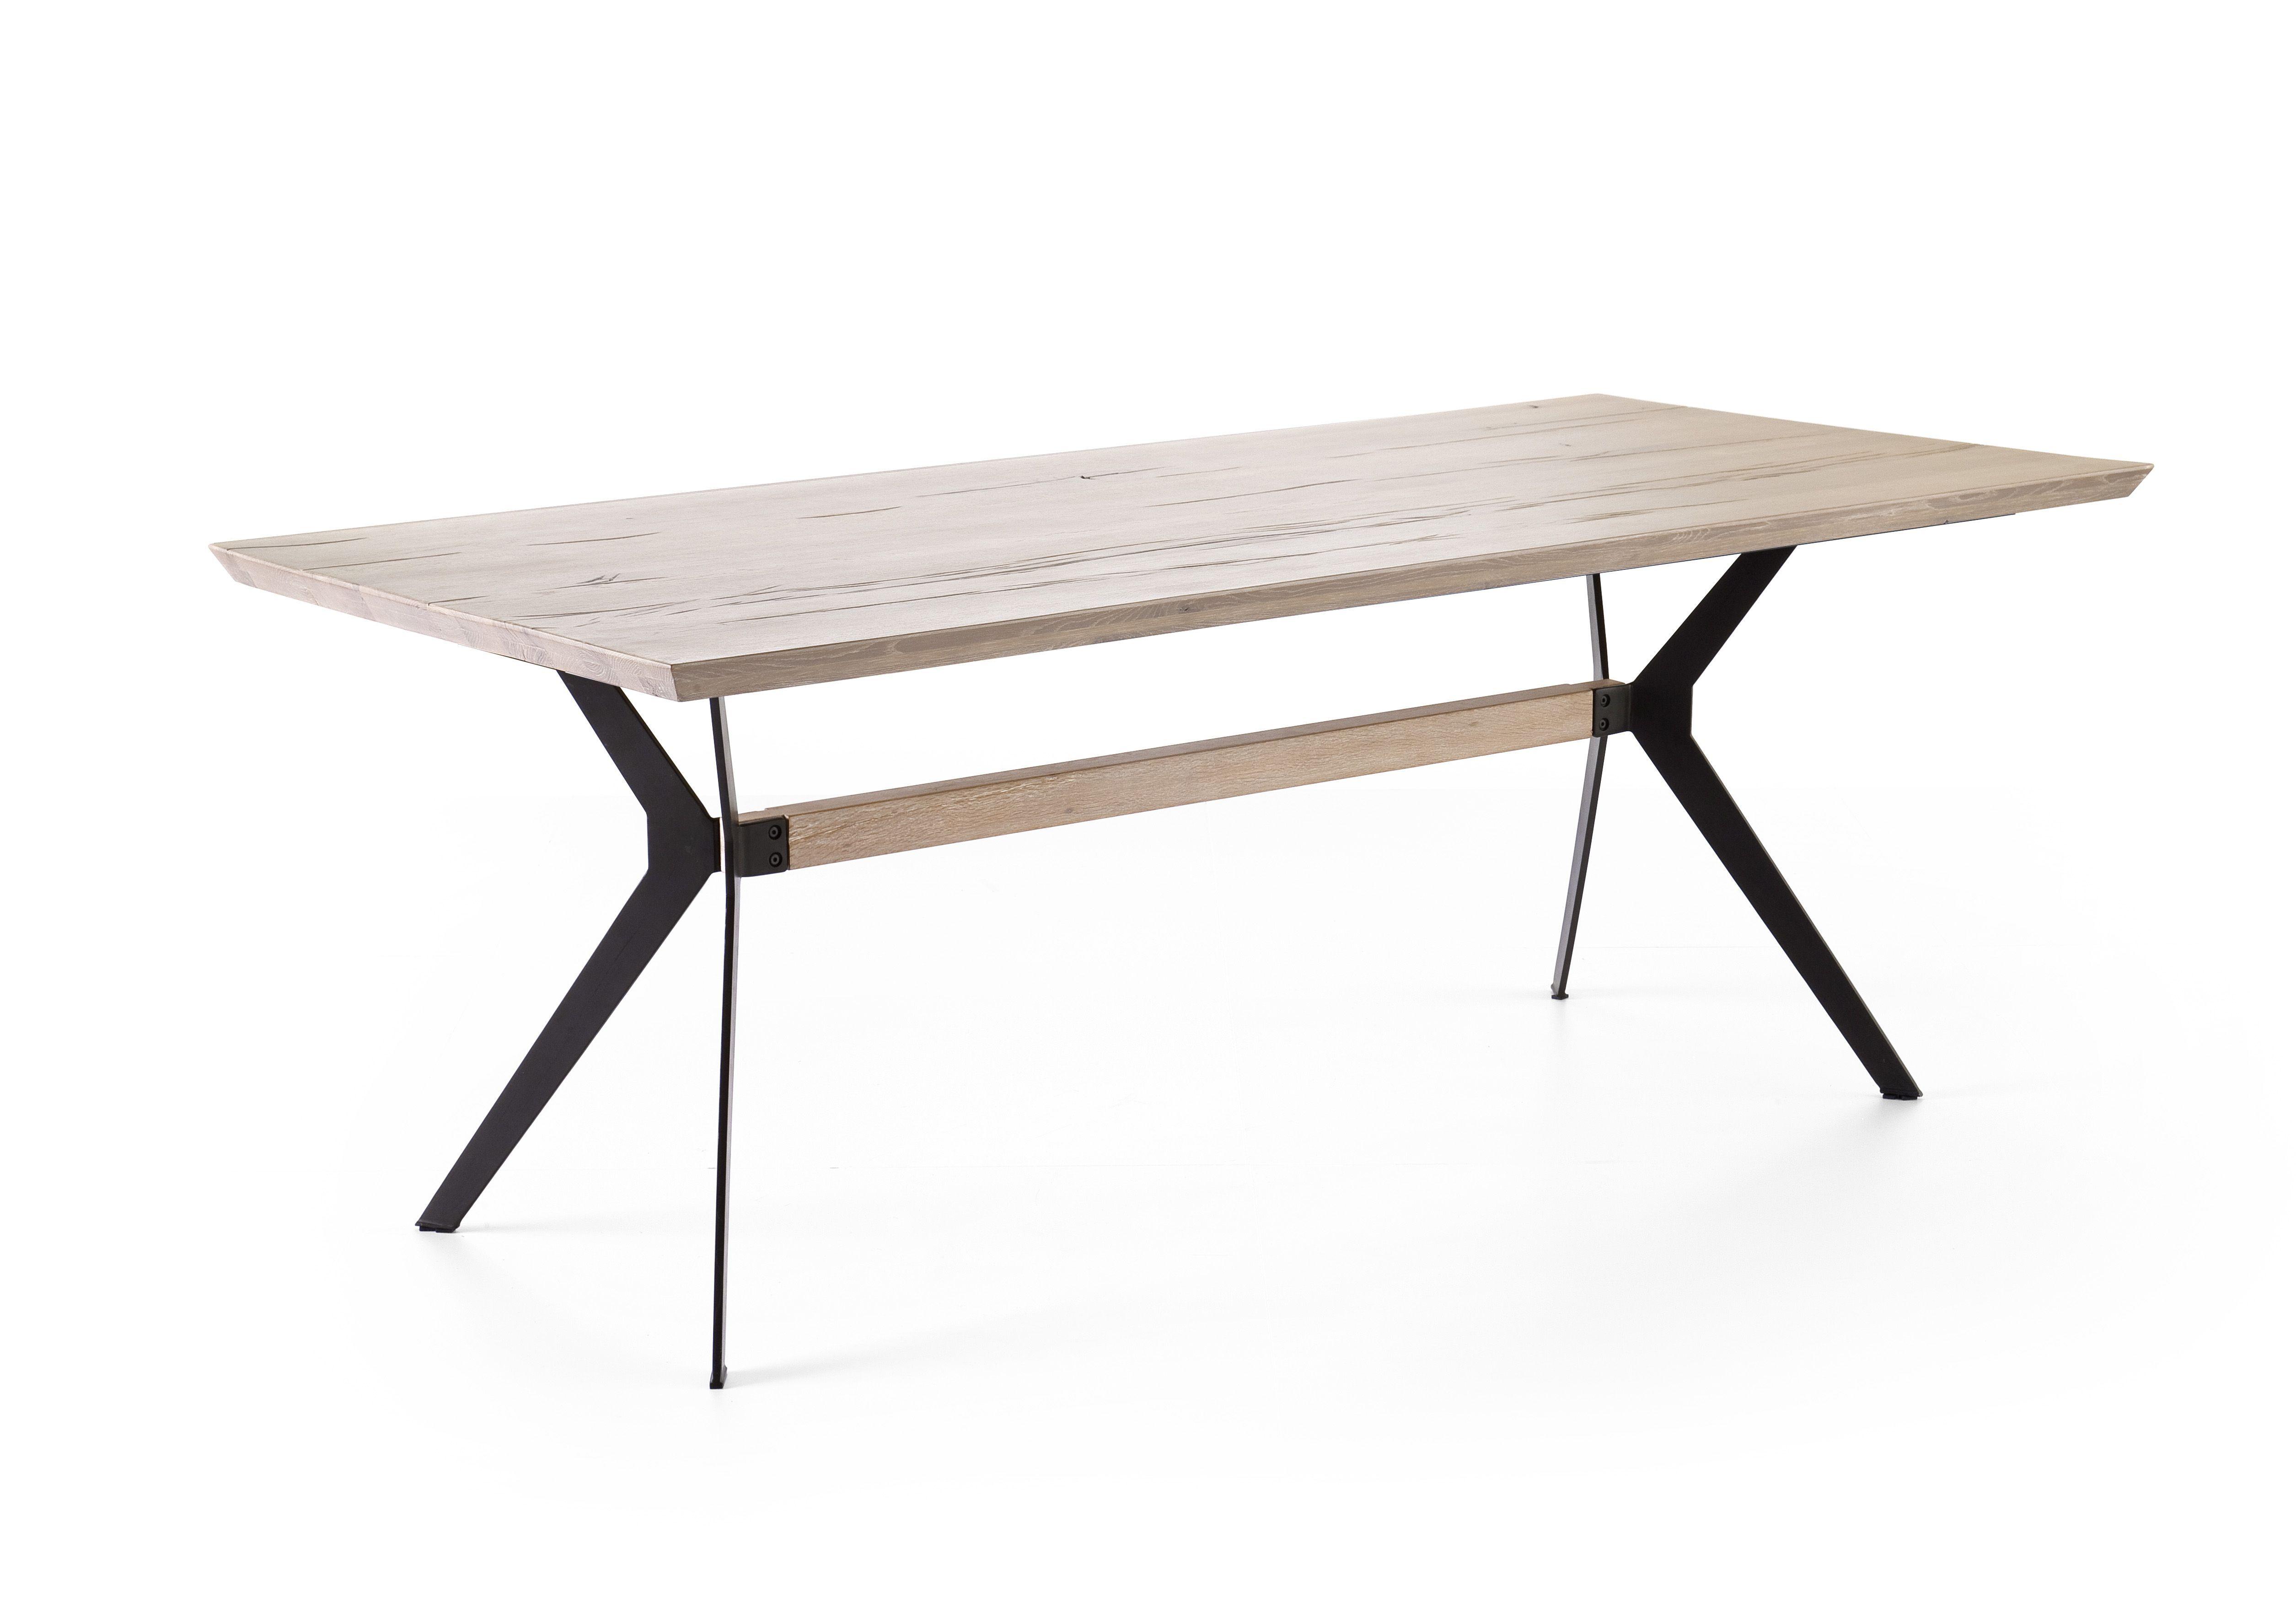 Esstisch 200 X 100 Cm Eiche Gekälkt Massiv Woody 41 02565 Holz Modern Jetzt  Bestellen Unter: Https://moebel.ladendirekt.de/kueche Und Esszimmer/tische/  ...